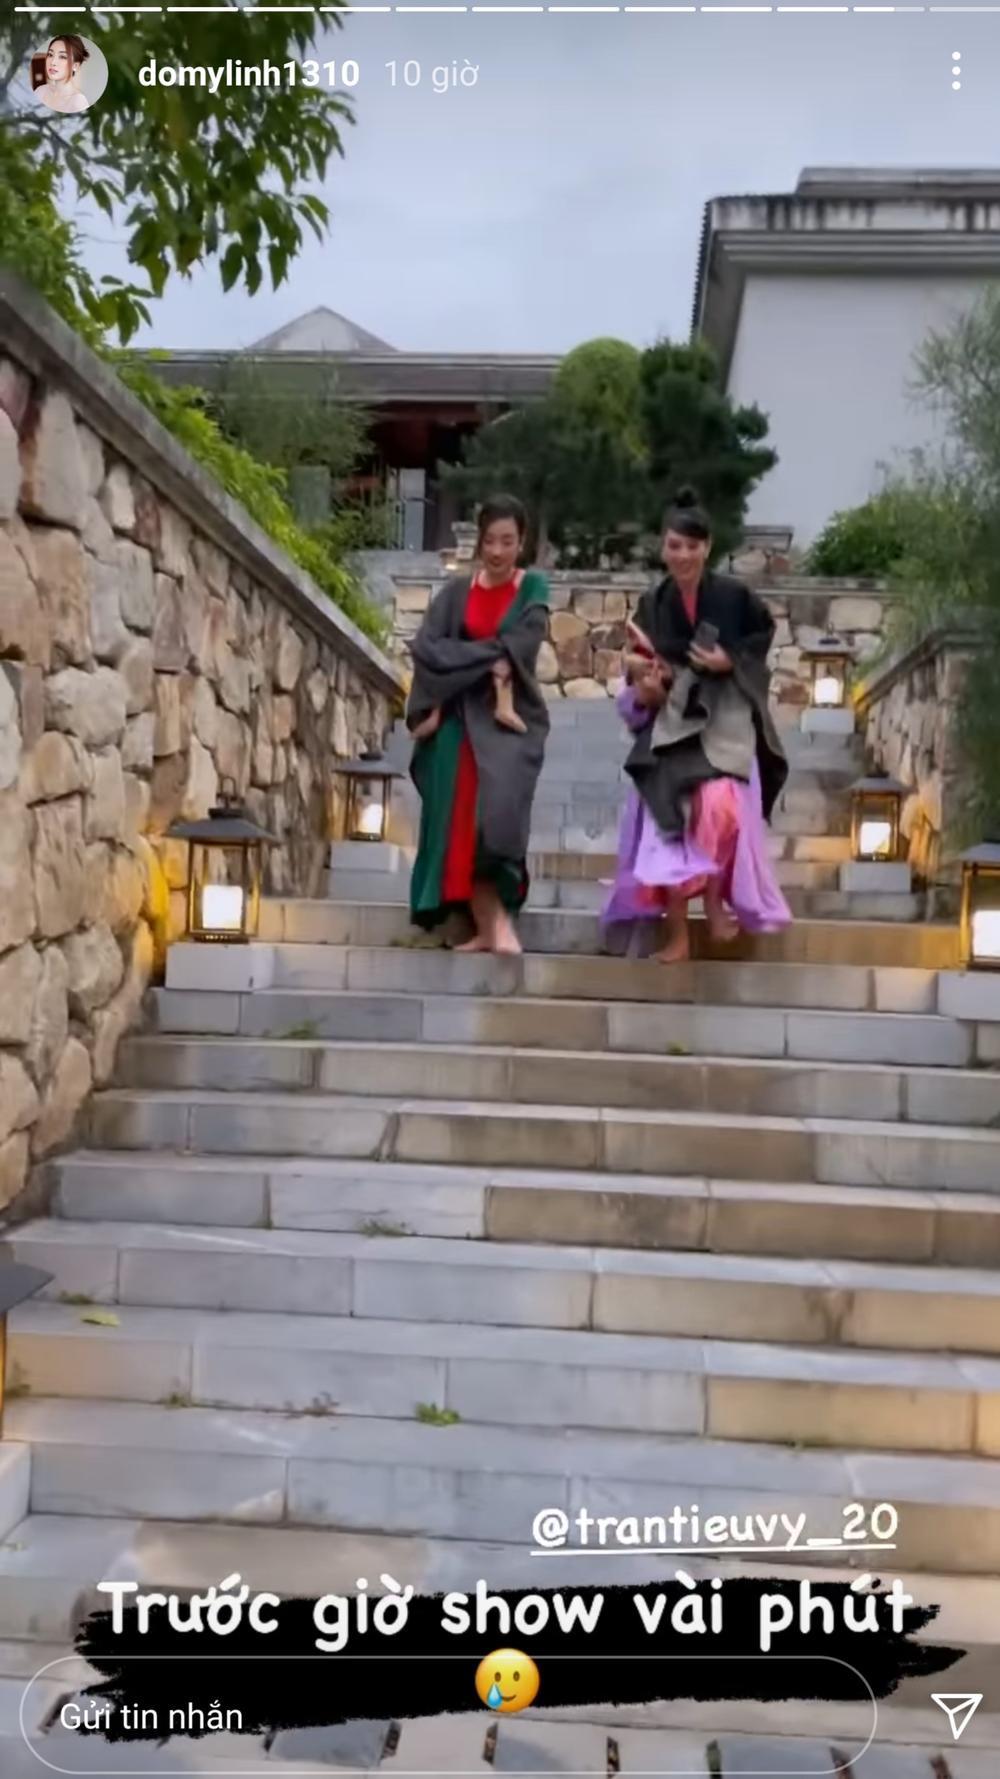 Đỗ Mỹ Linh, Tiểu Vy lên đồ lộng lẫy nhưng ôm giày chạy vì sợ trễ show khiến fan phì cười Ảnh 3